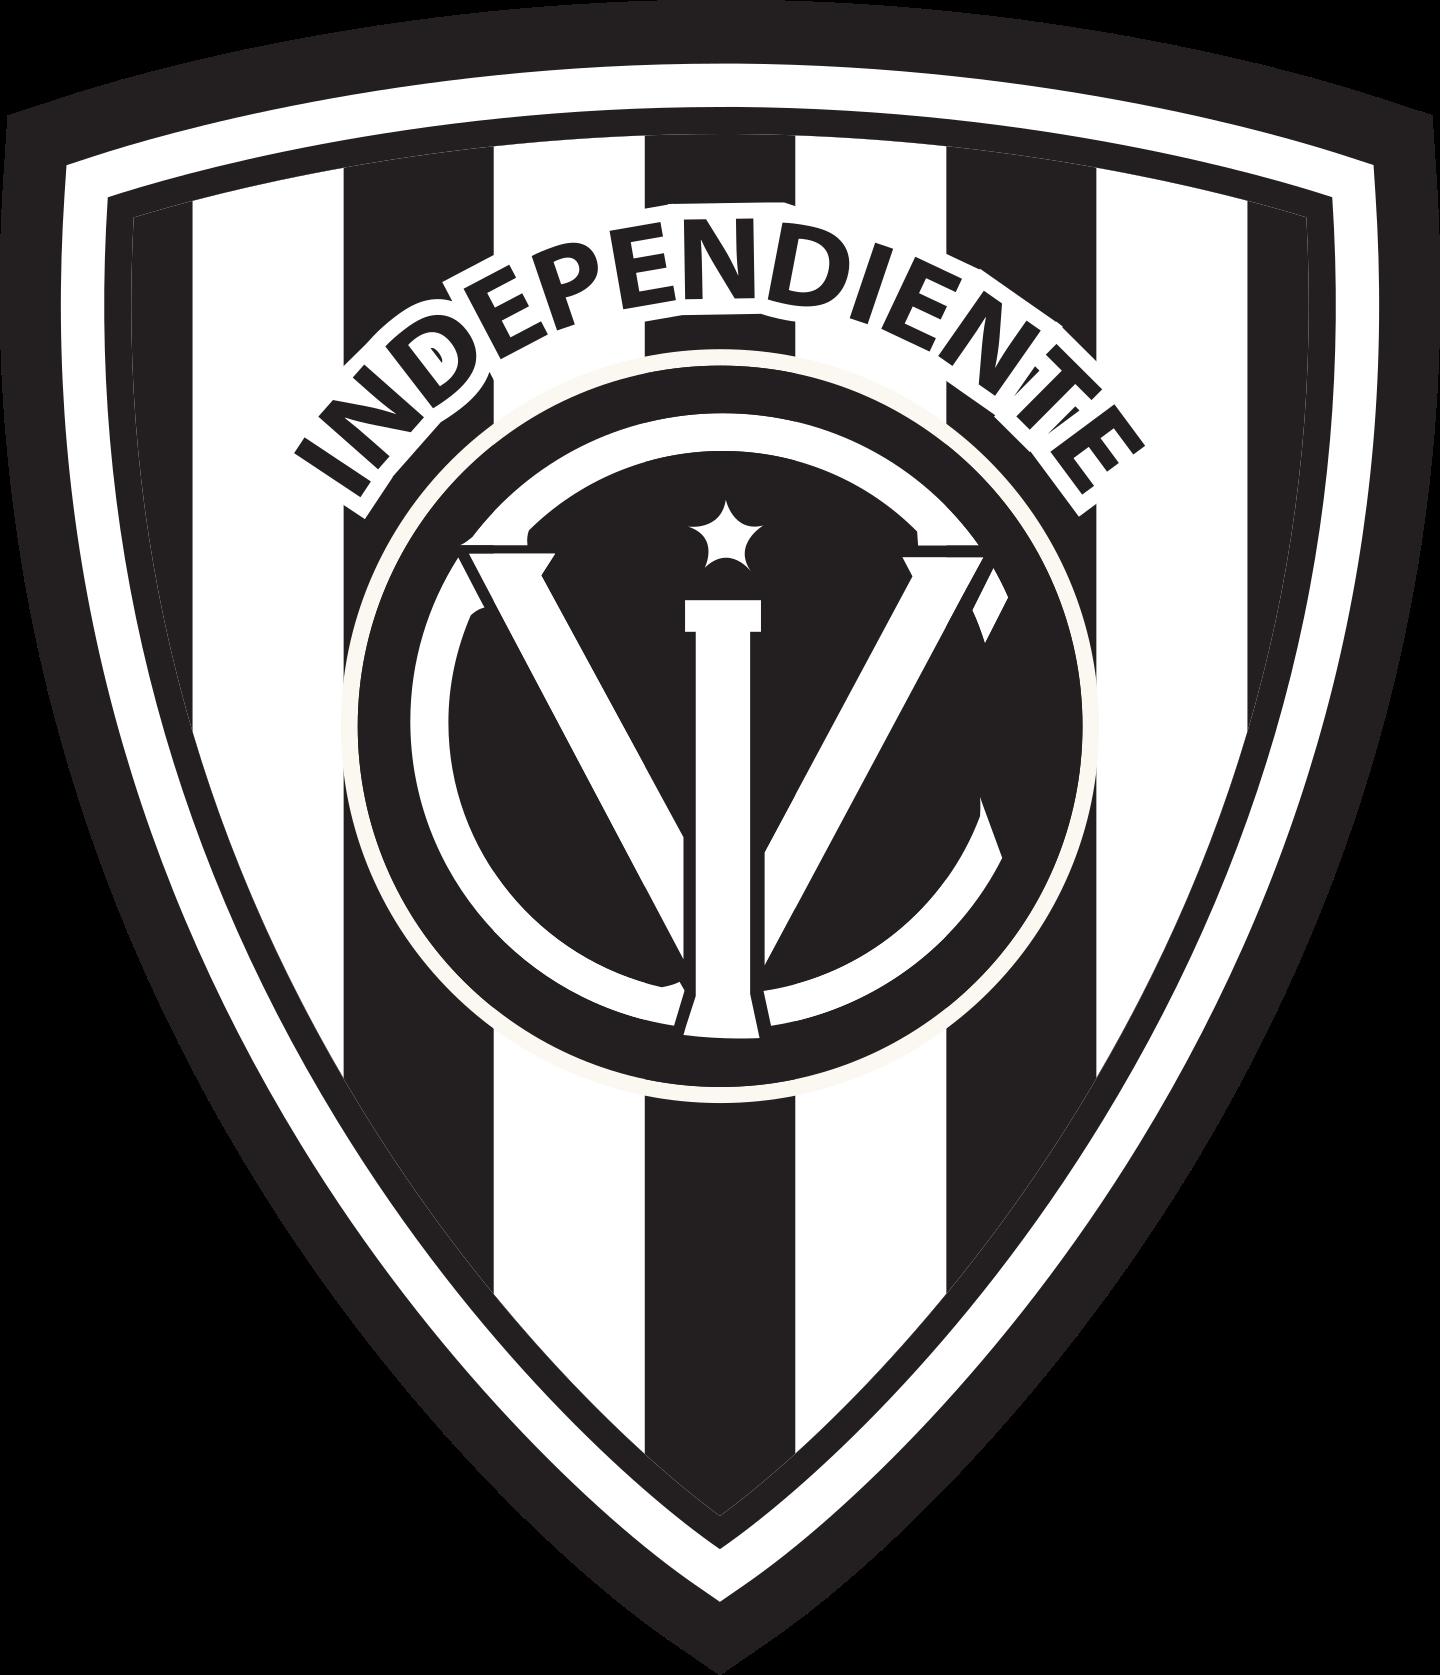 independiente del valle logo 2 - Independiente del Valle Logo